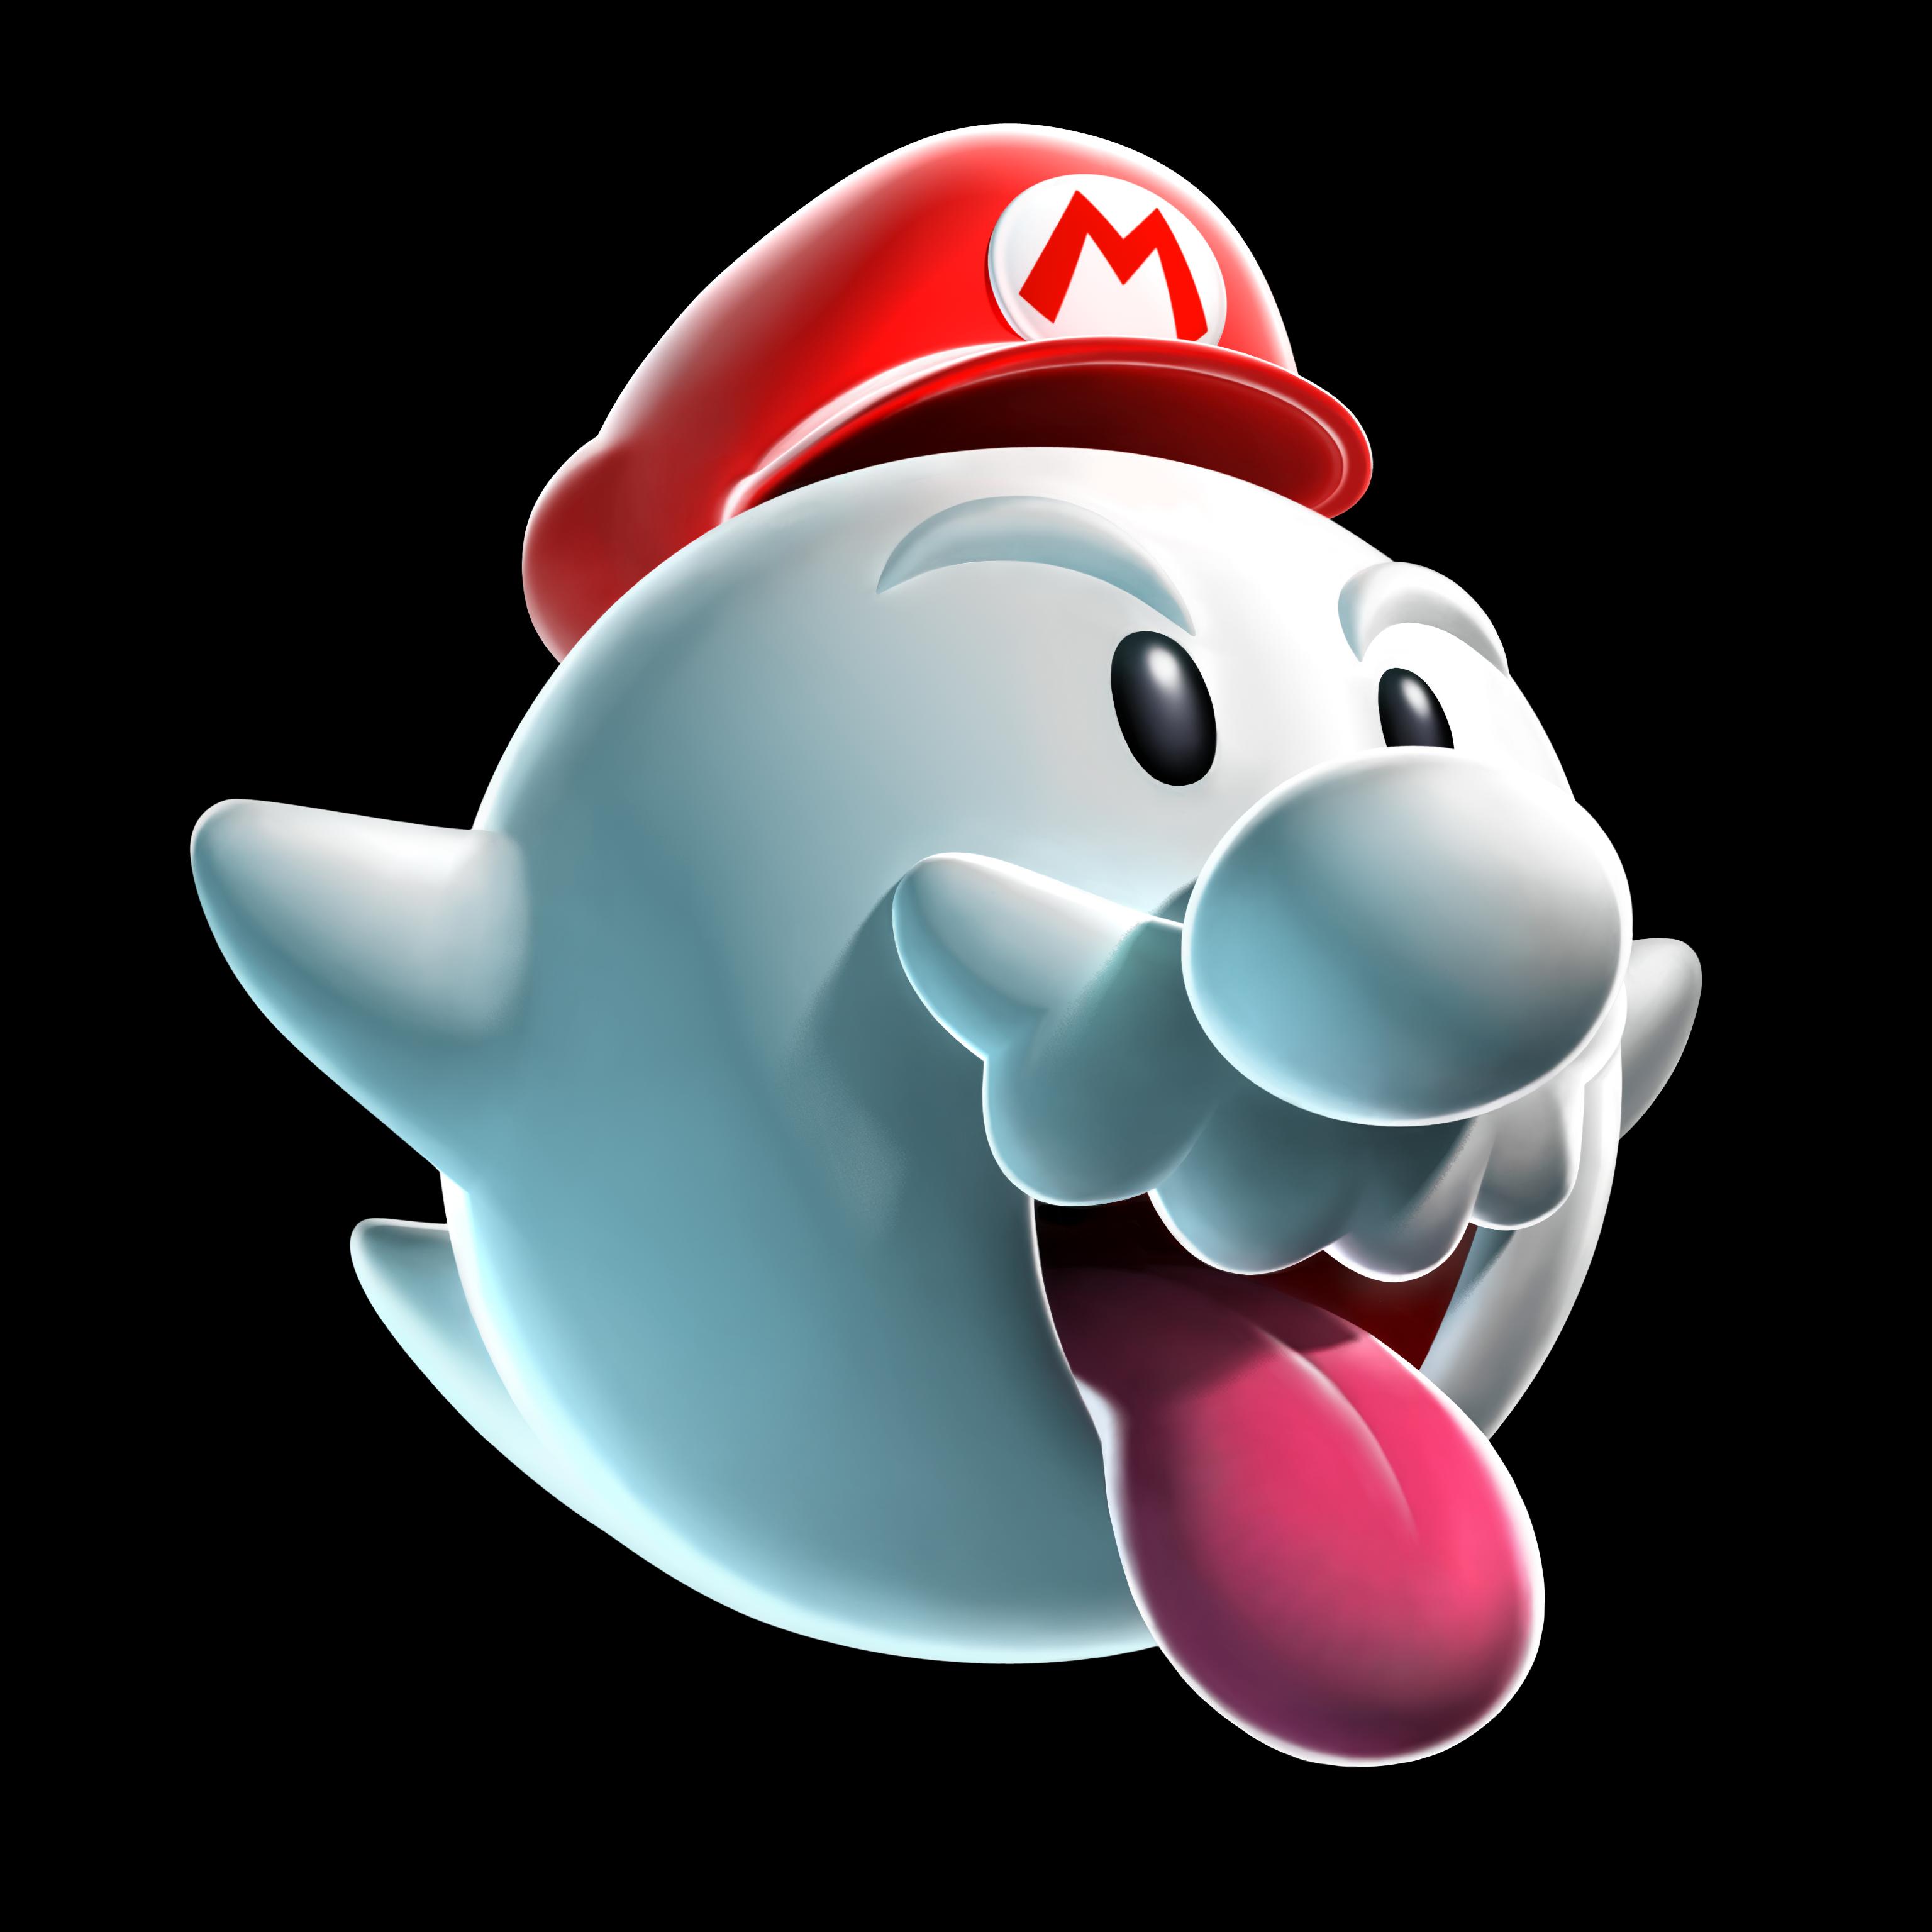 fc_mario_ghost